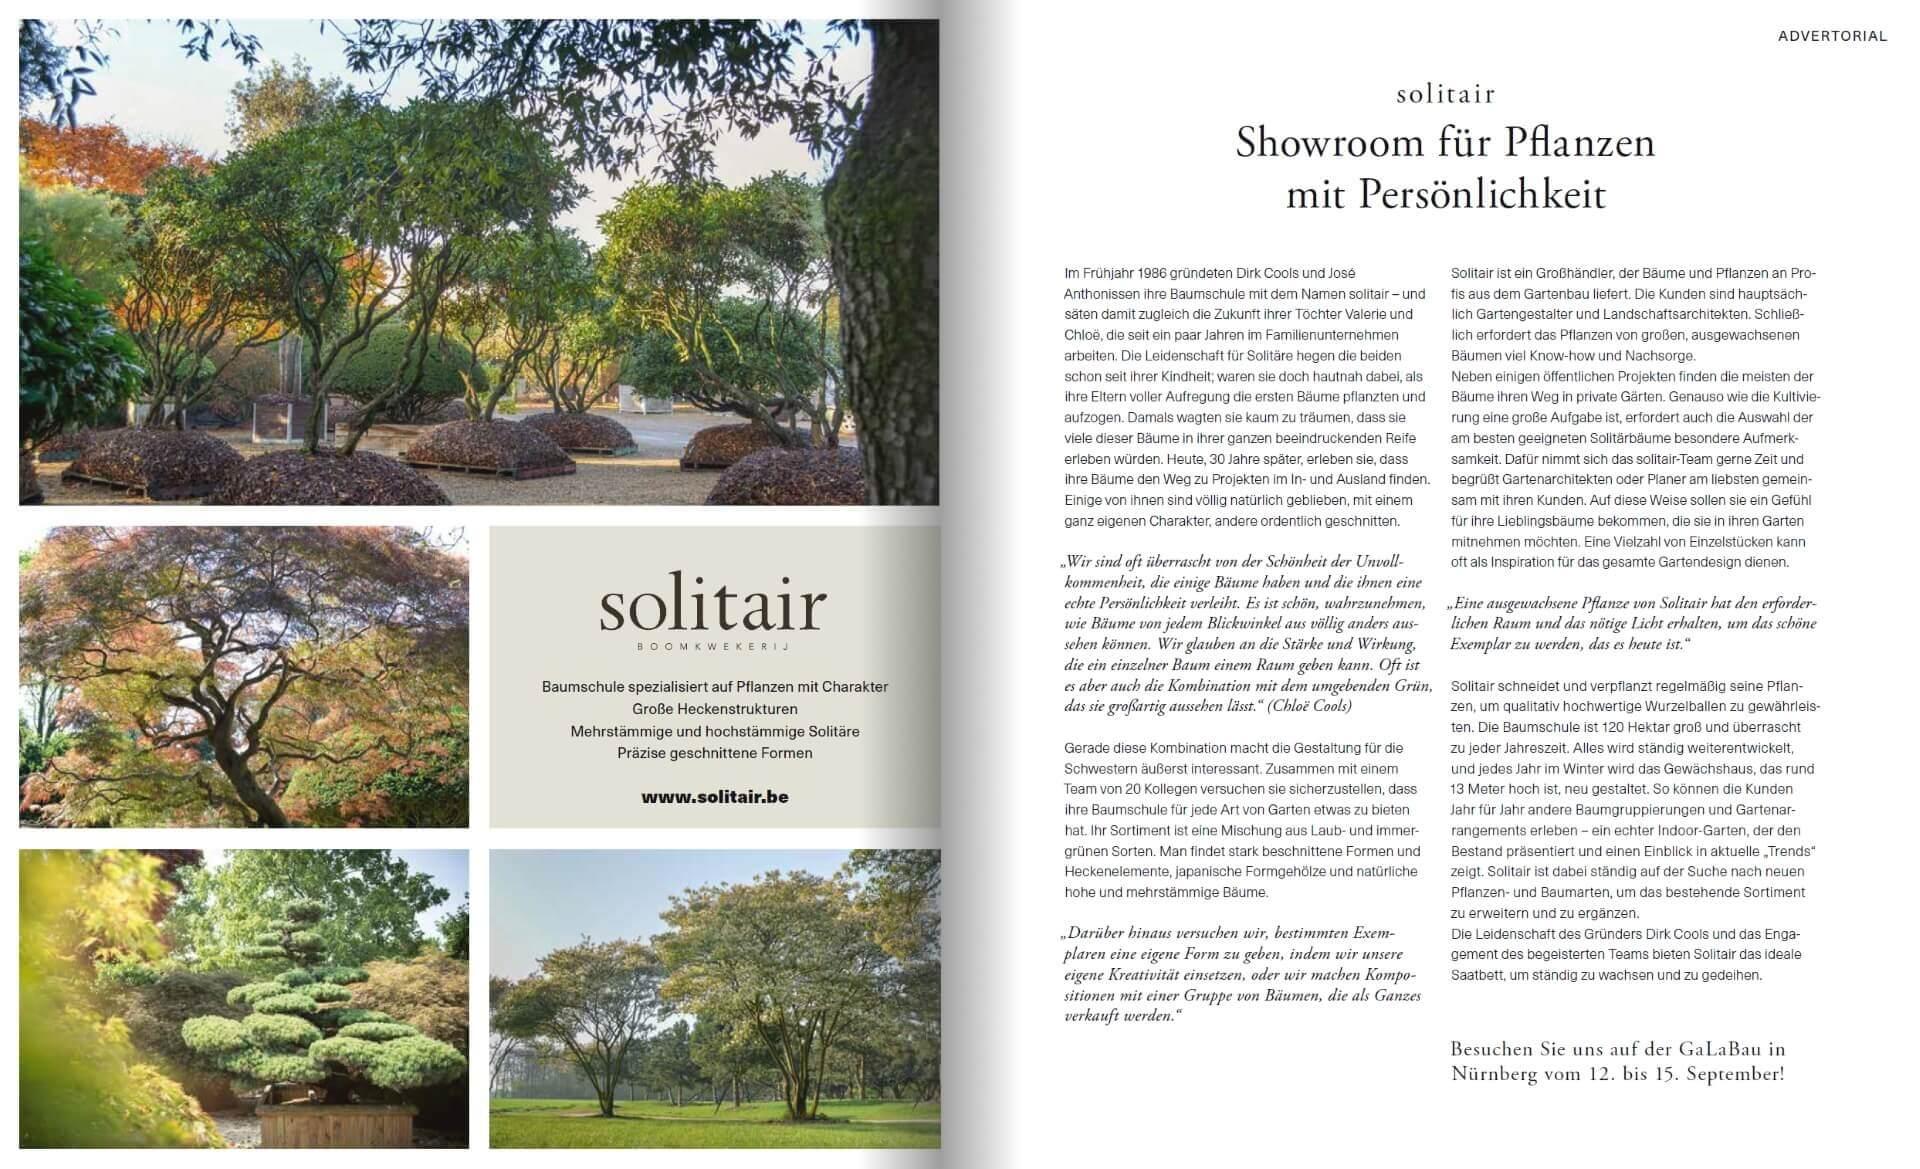 GARTENDESIGN INSPIRATION 3/2018: Solitair - Showroom für Pflanzen mit Persönlichkeit